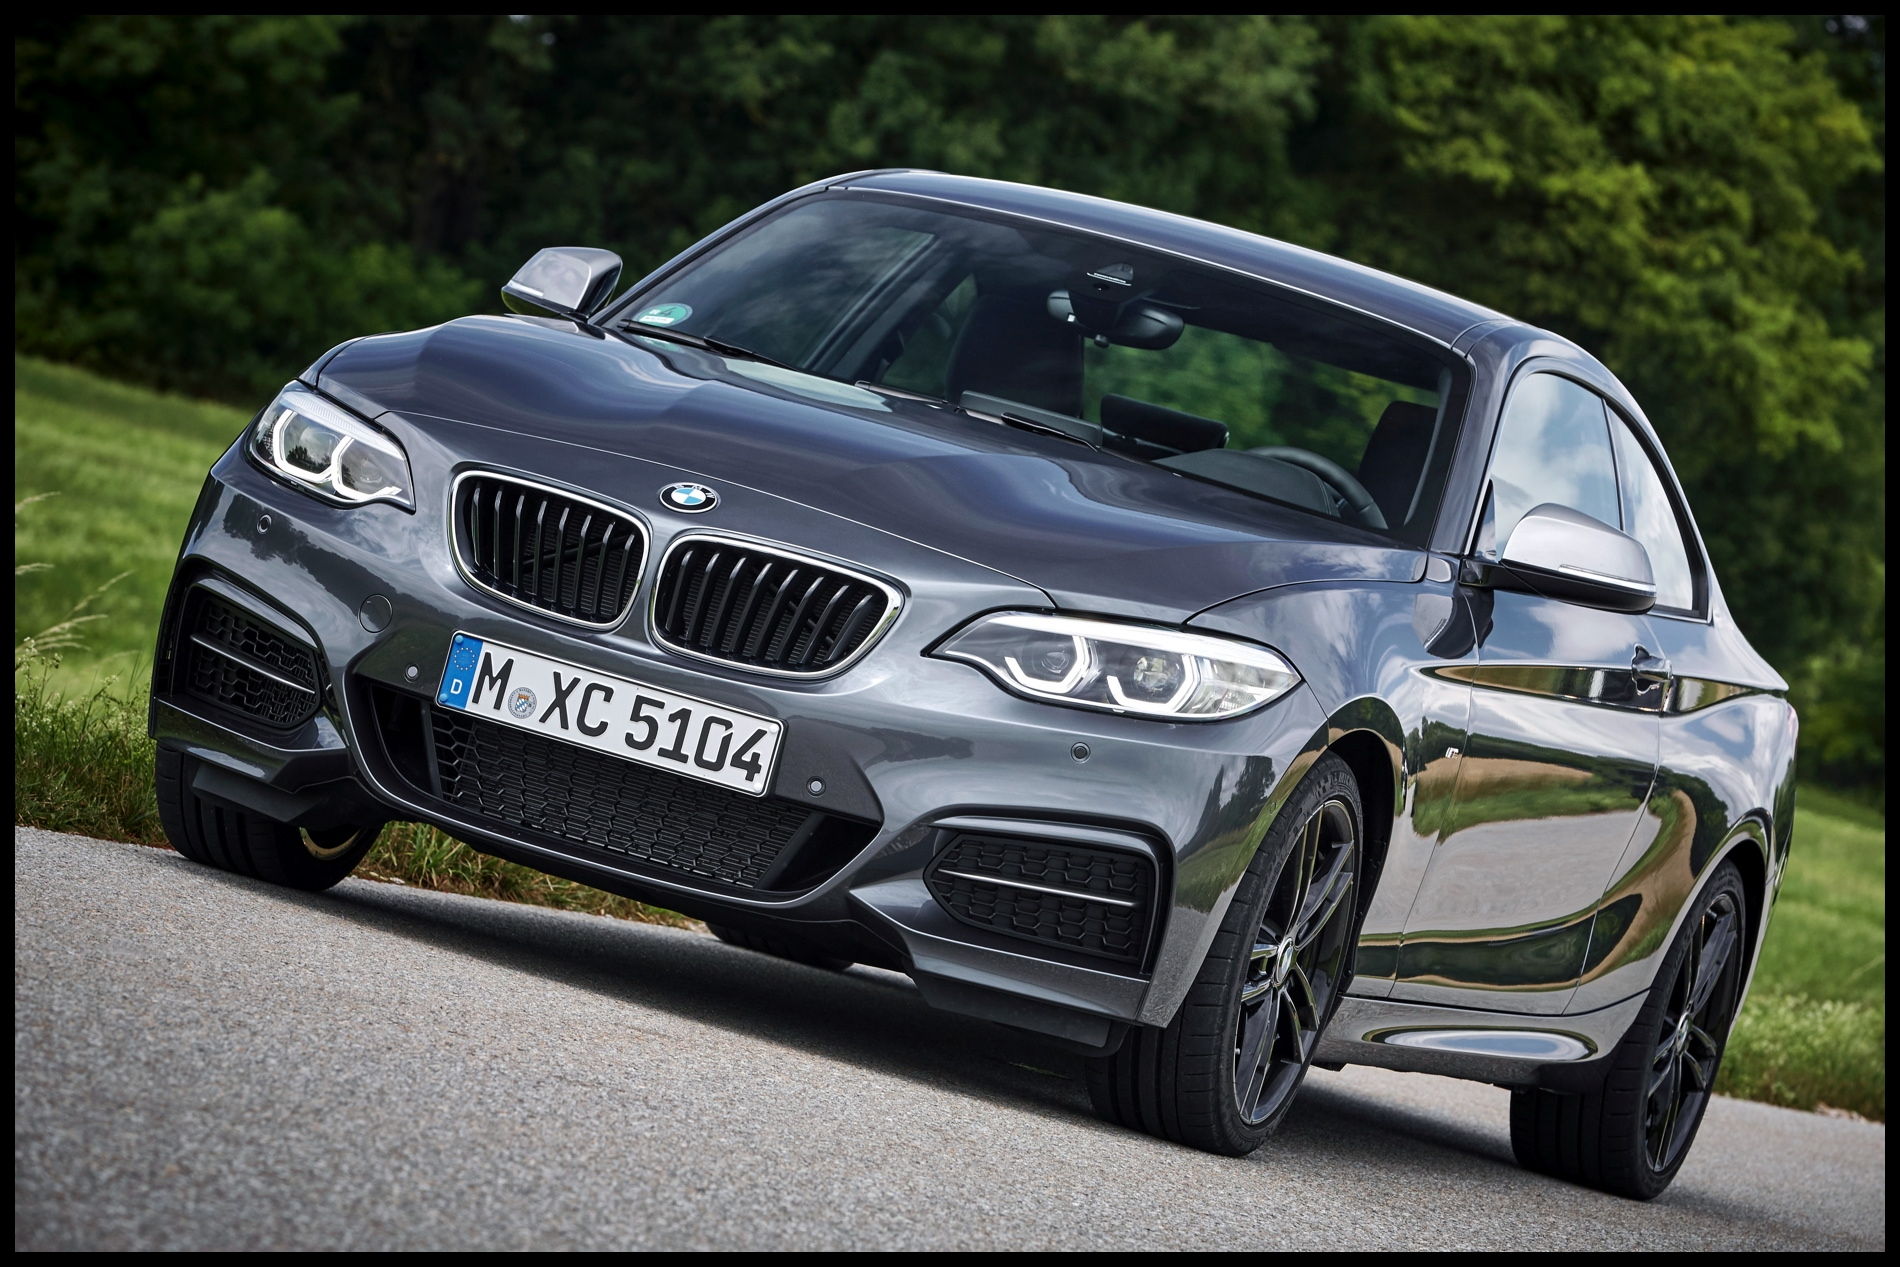 2017 BMW M240i photo gallery 36